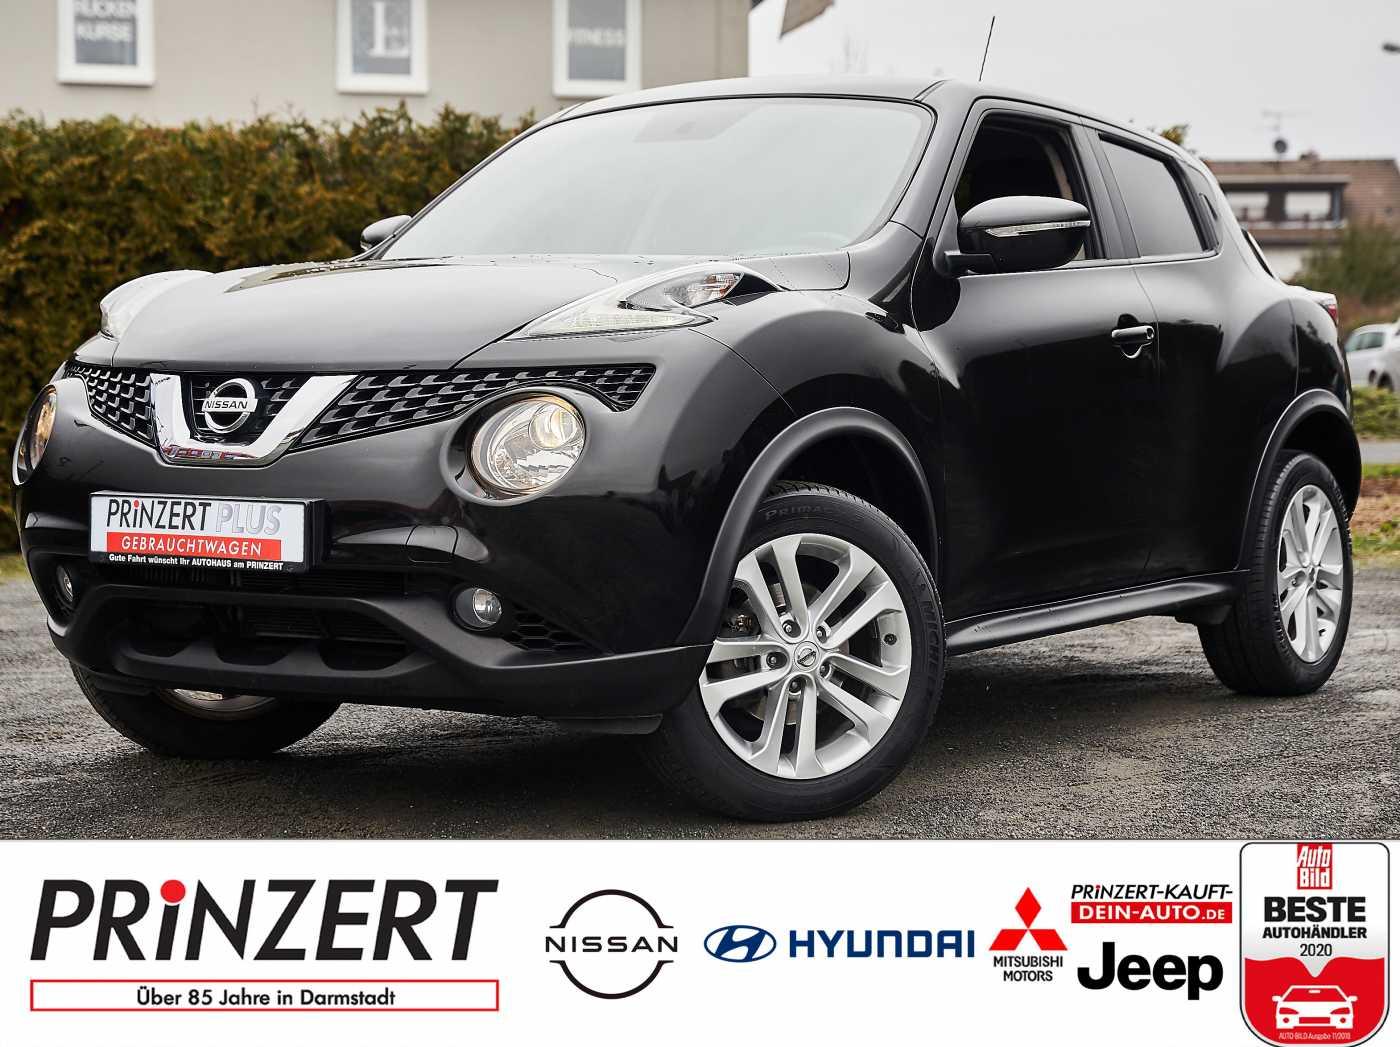 Nissan Juke 1.2 DIG-T Acenta RFK/ Navi, Jahr 2018, Benzin